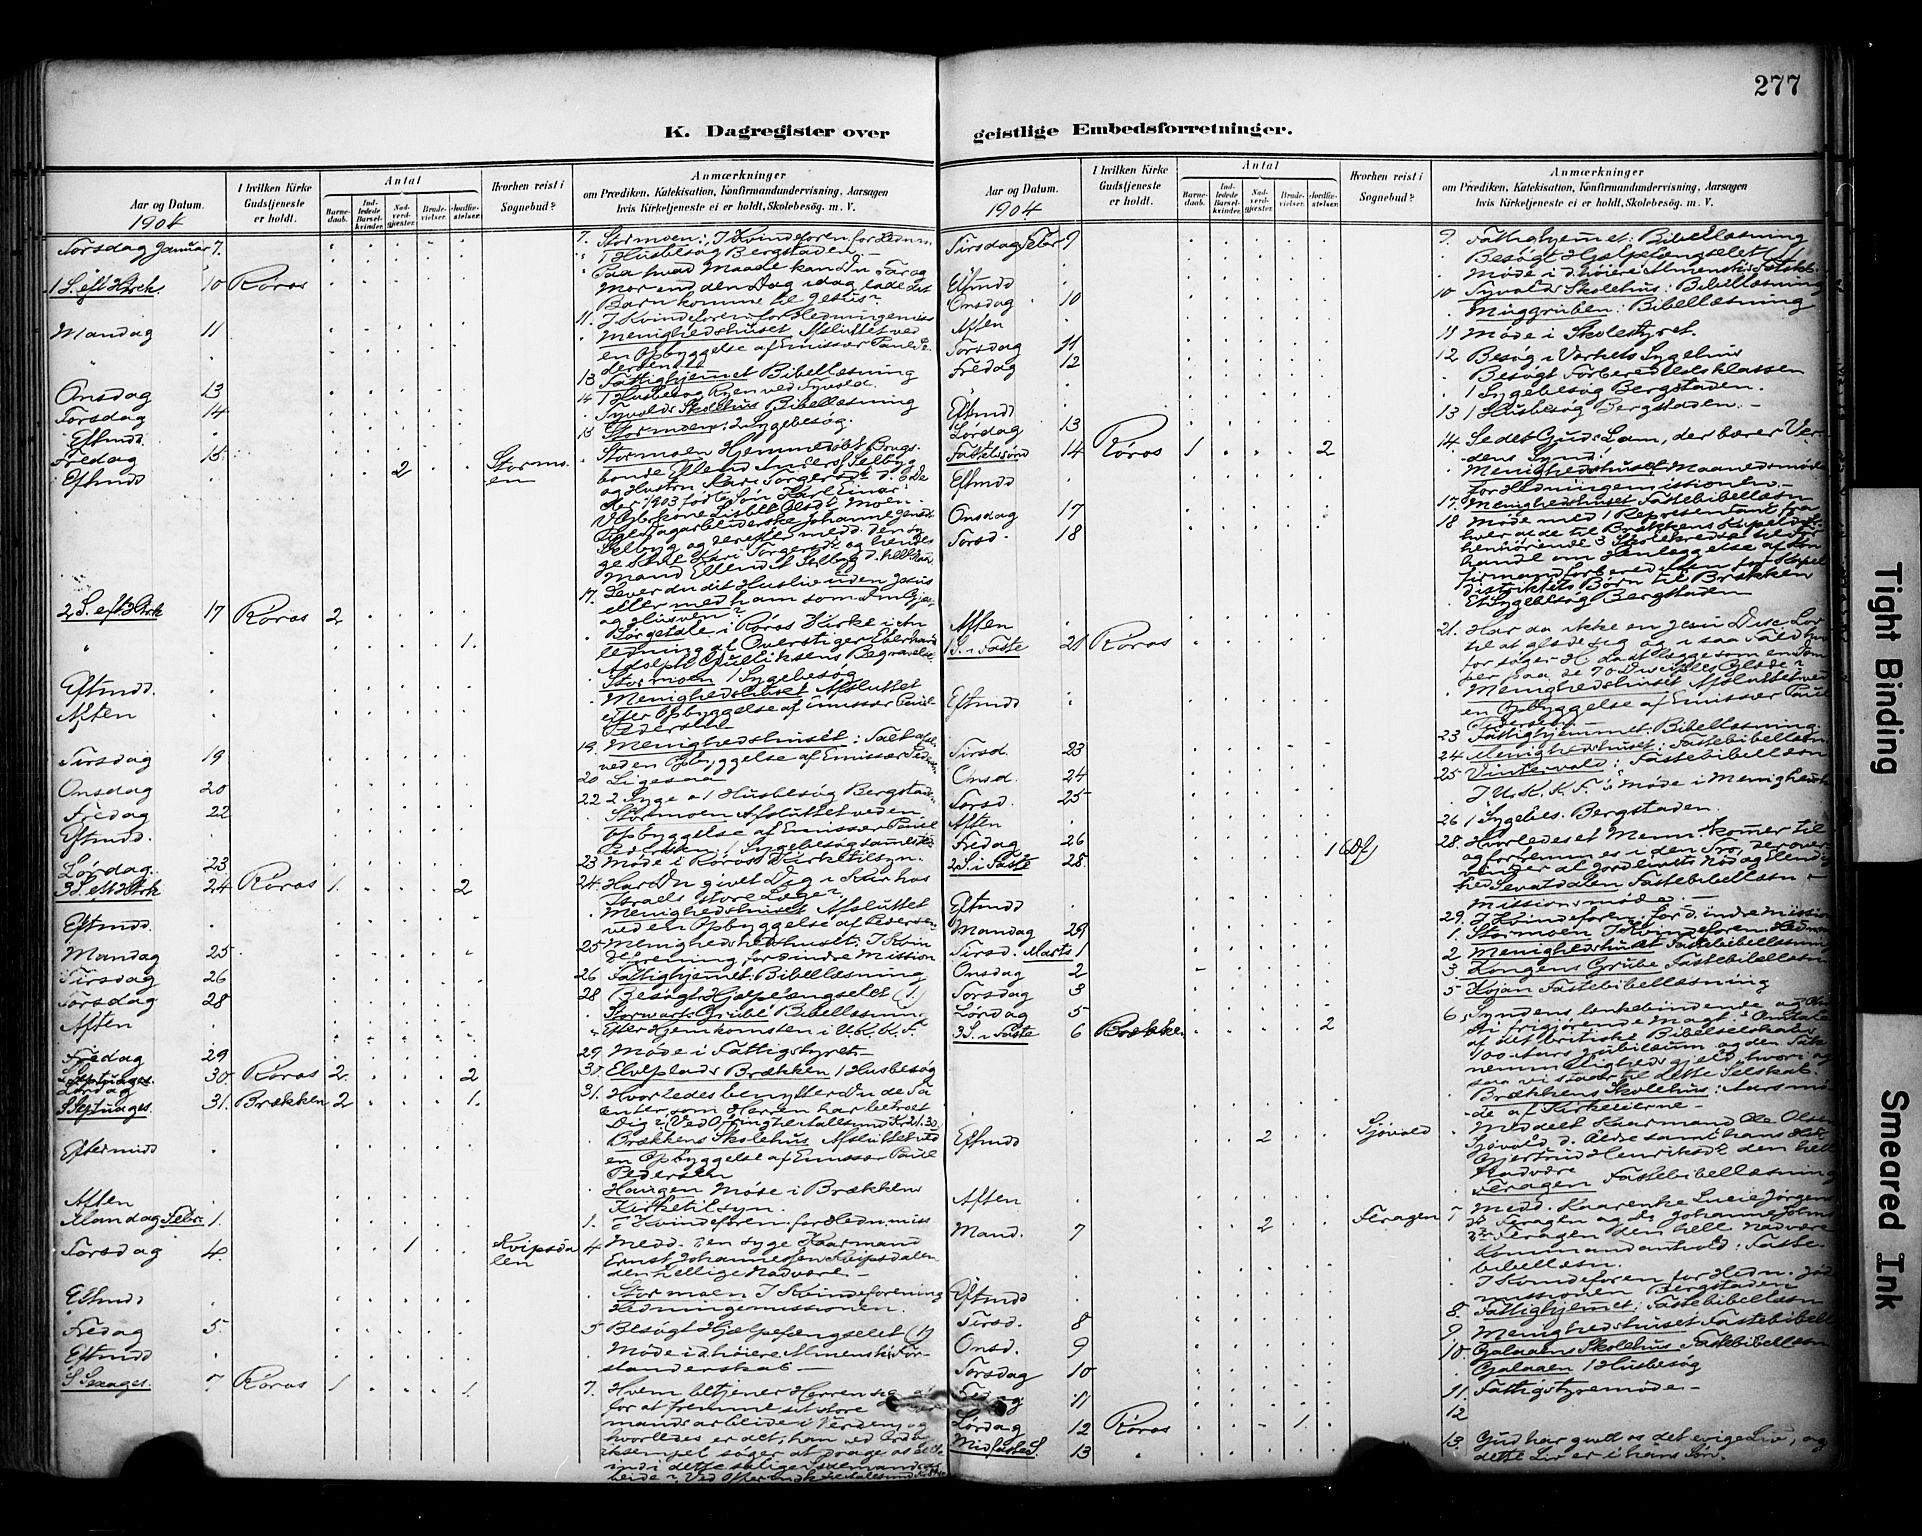 SAT, Ministerialprotokoller, klokkerbøker og fødselsregistre - Sør-Trøndelag, 681/L0936: Ministerialbok nr. 681A14, 1899-1908, s. 277